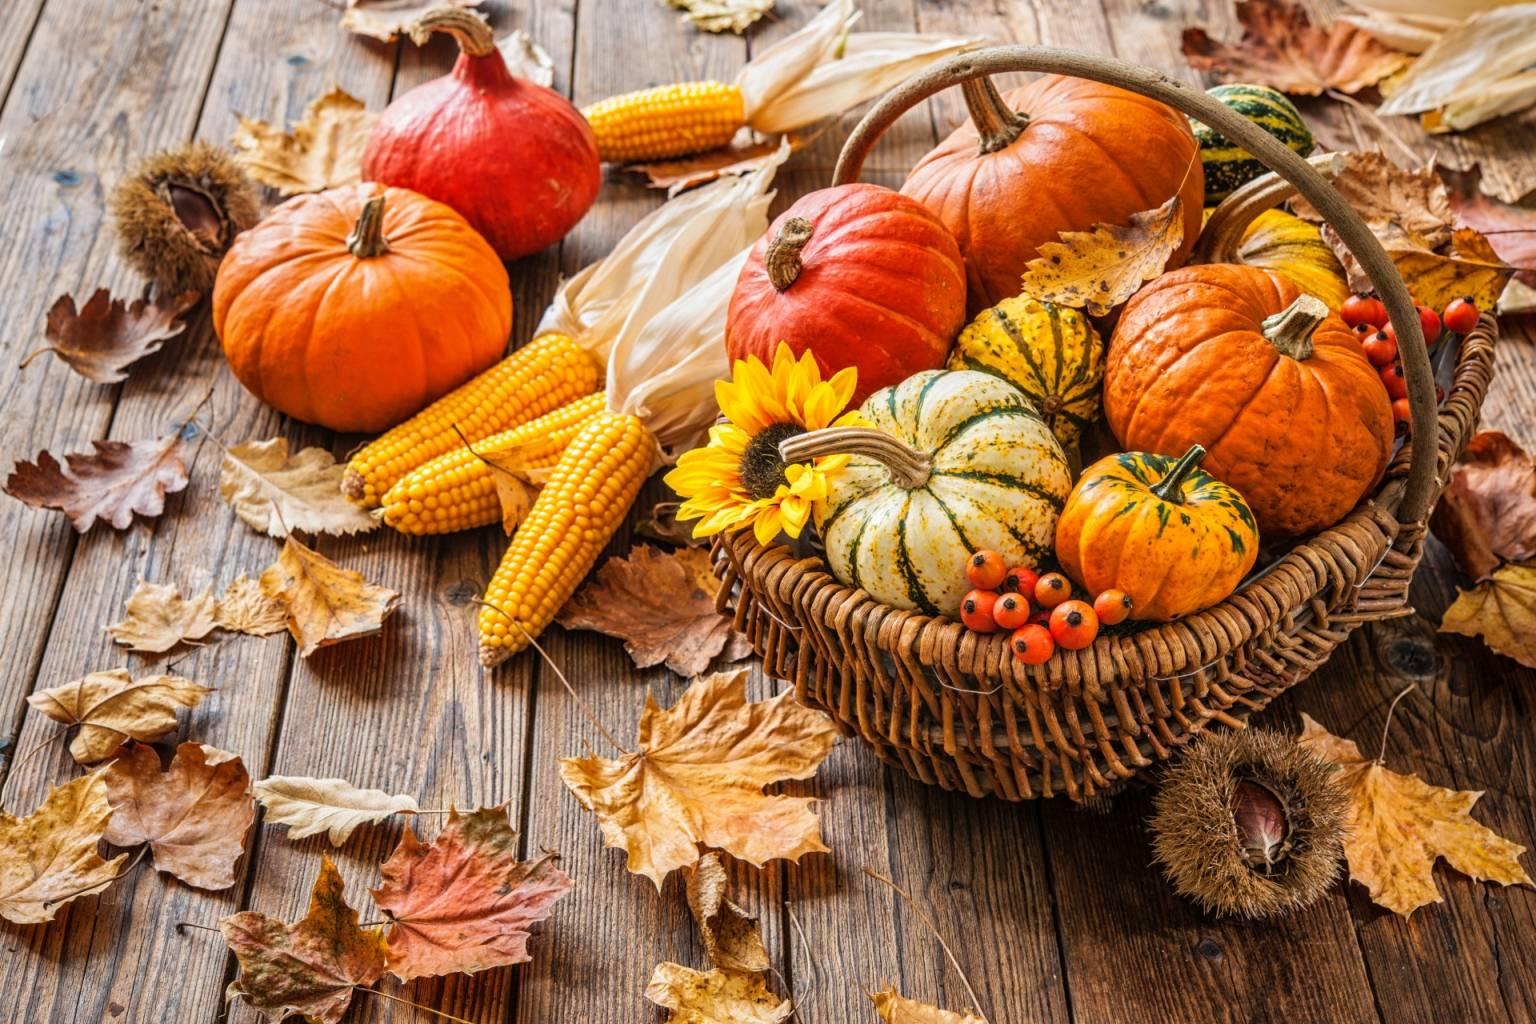 Dynia - jakie ma właściwości? Różne odmiany dyni leżą w koszyku wiklinowym, obok leżą rozrzucone jesienne liście.